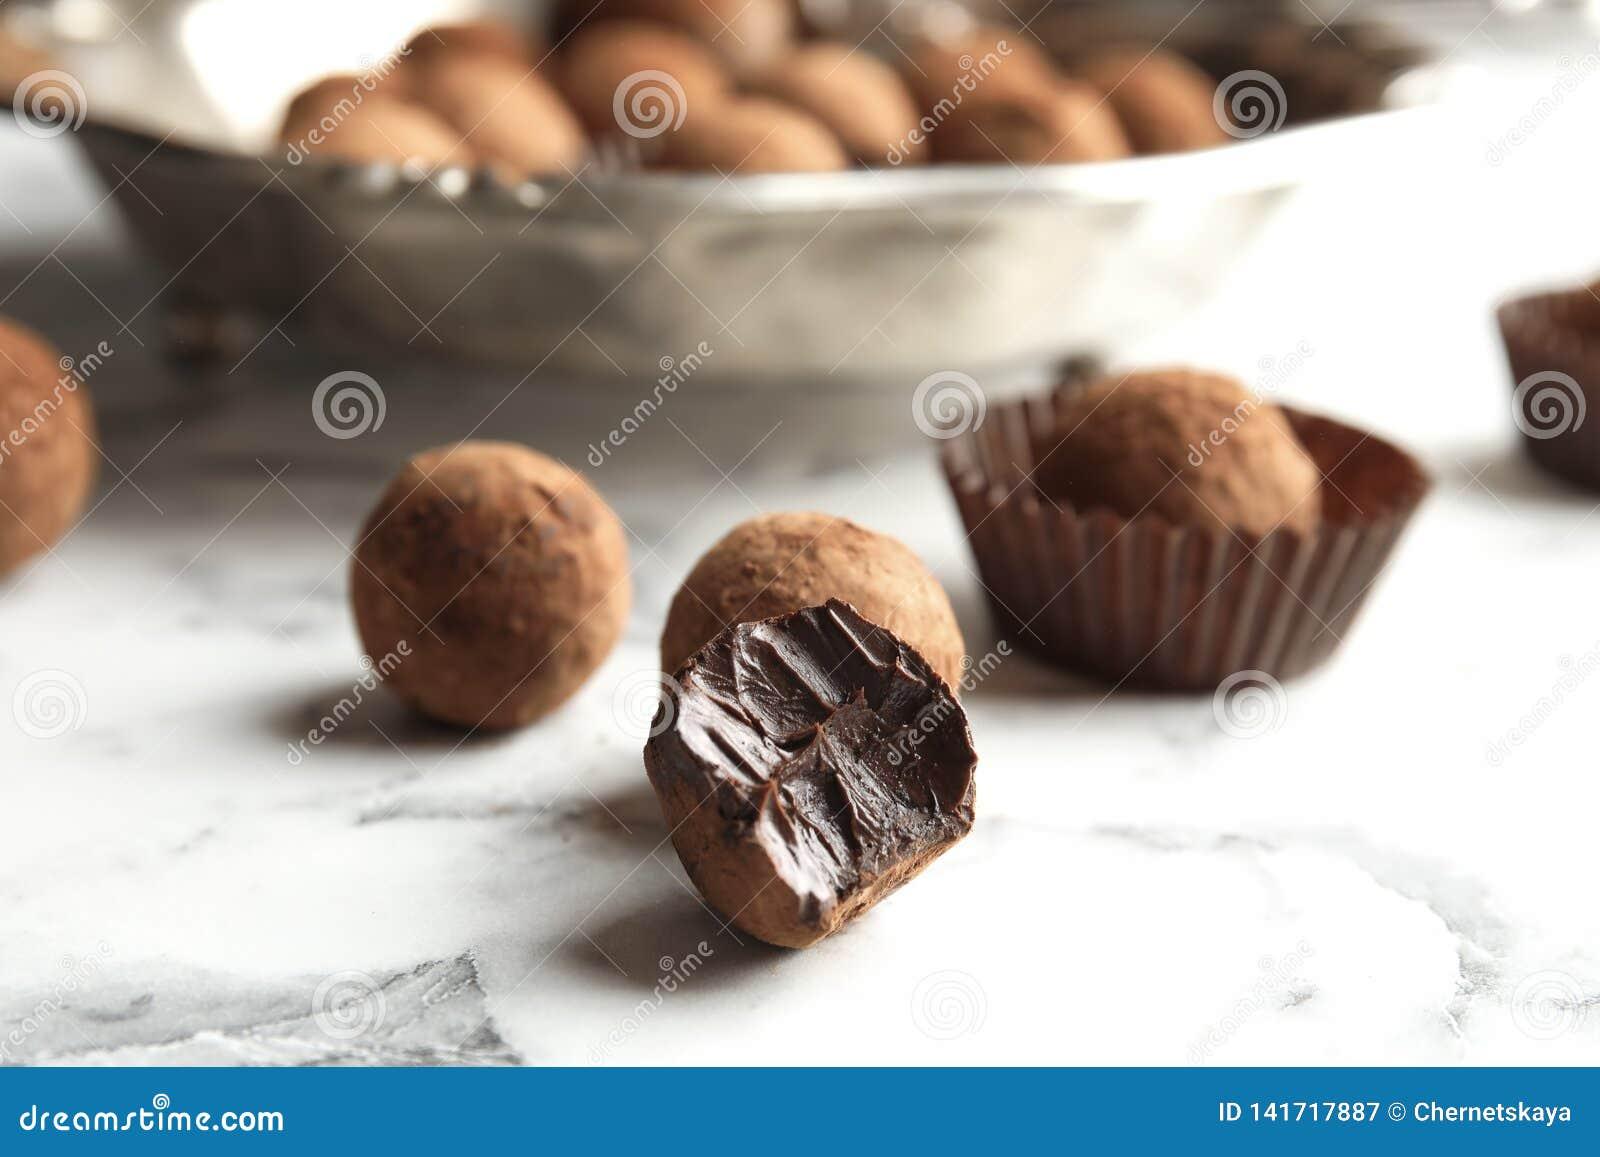 Tasty raw chocolate truffles